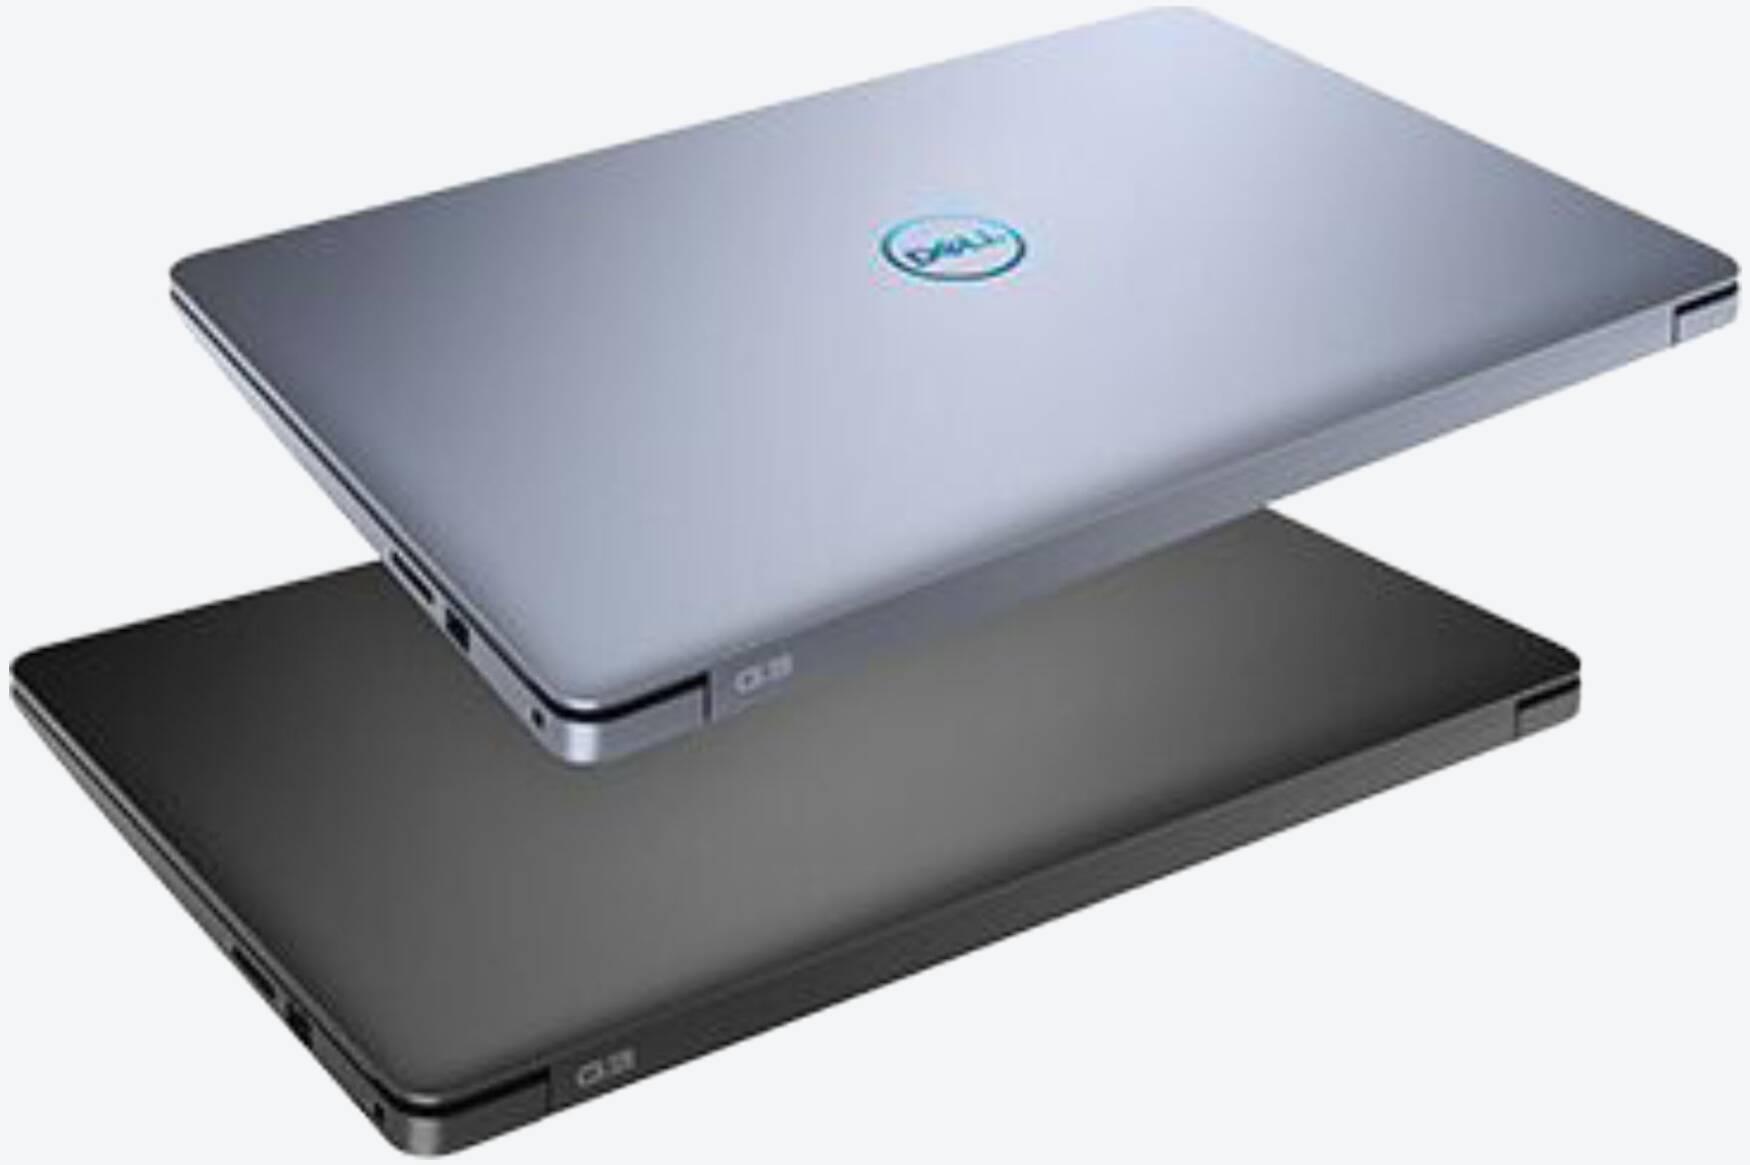 Dell G3 15 3579-KRPDF